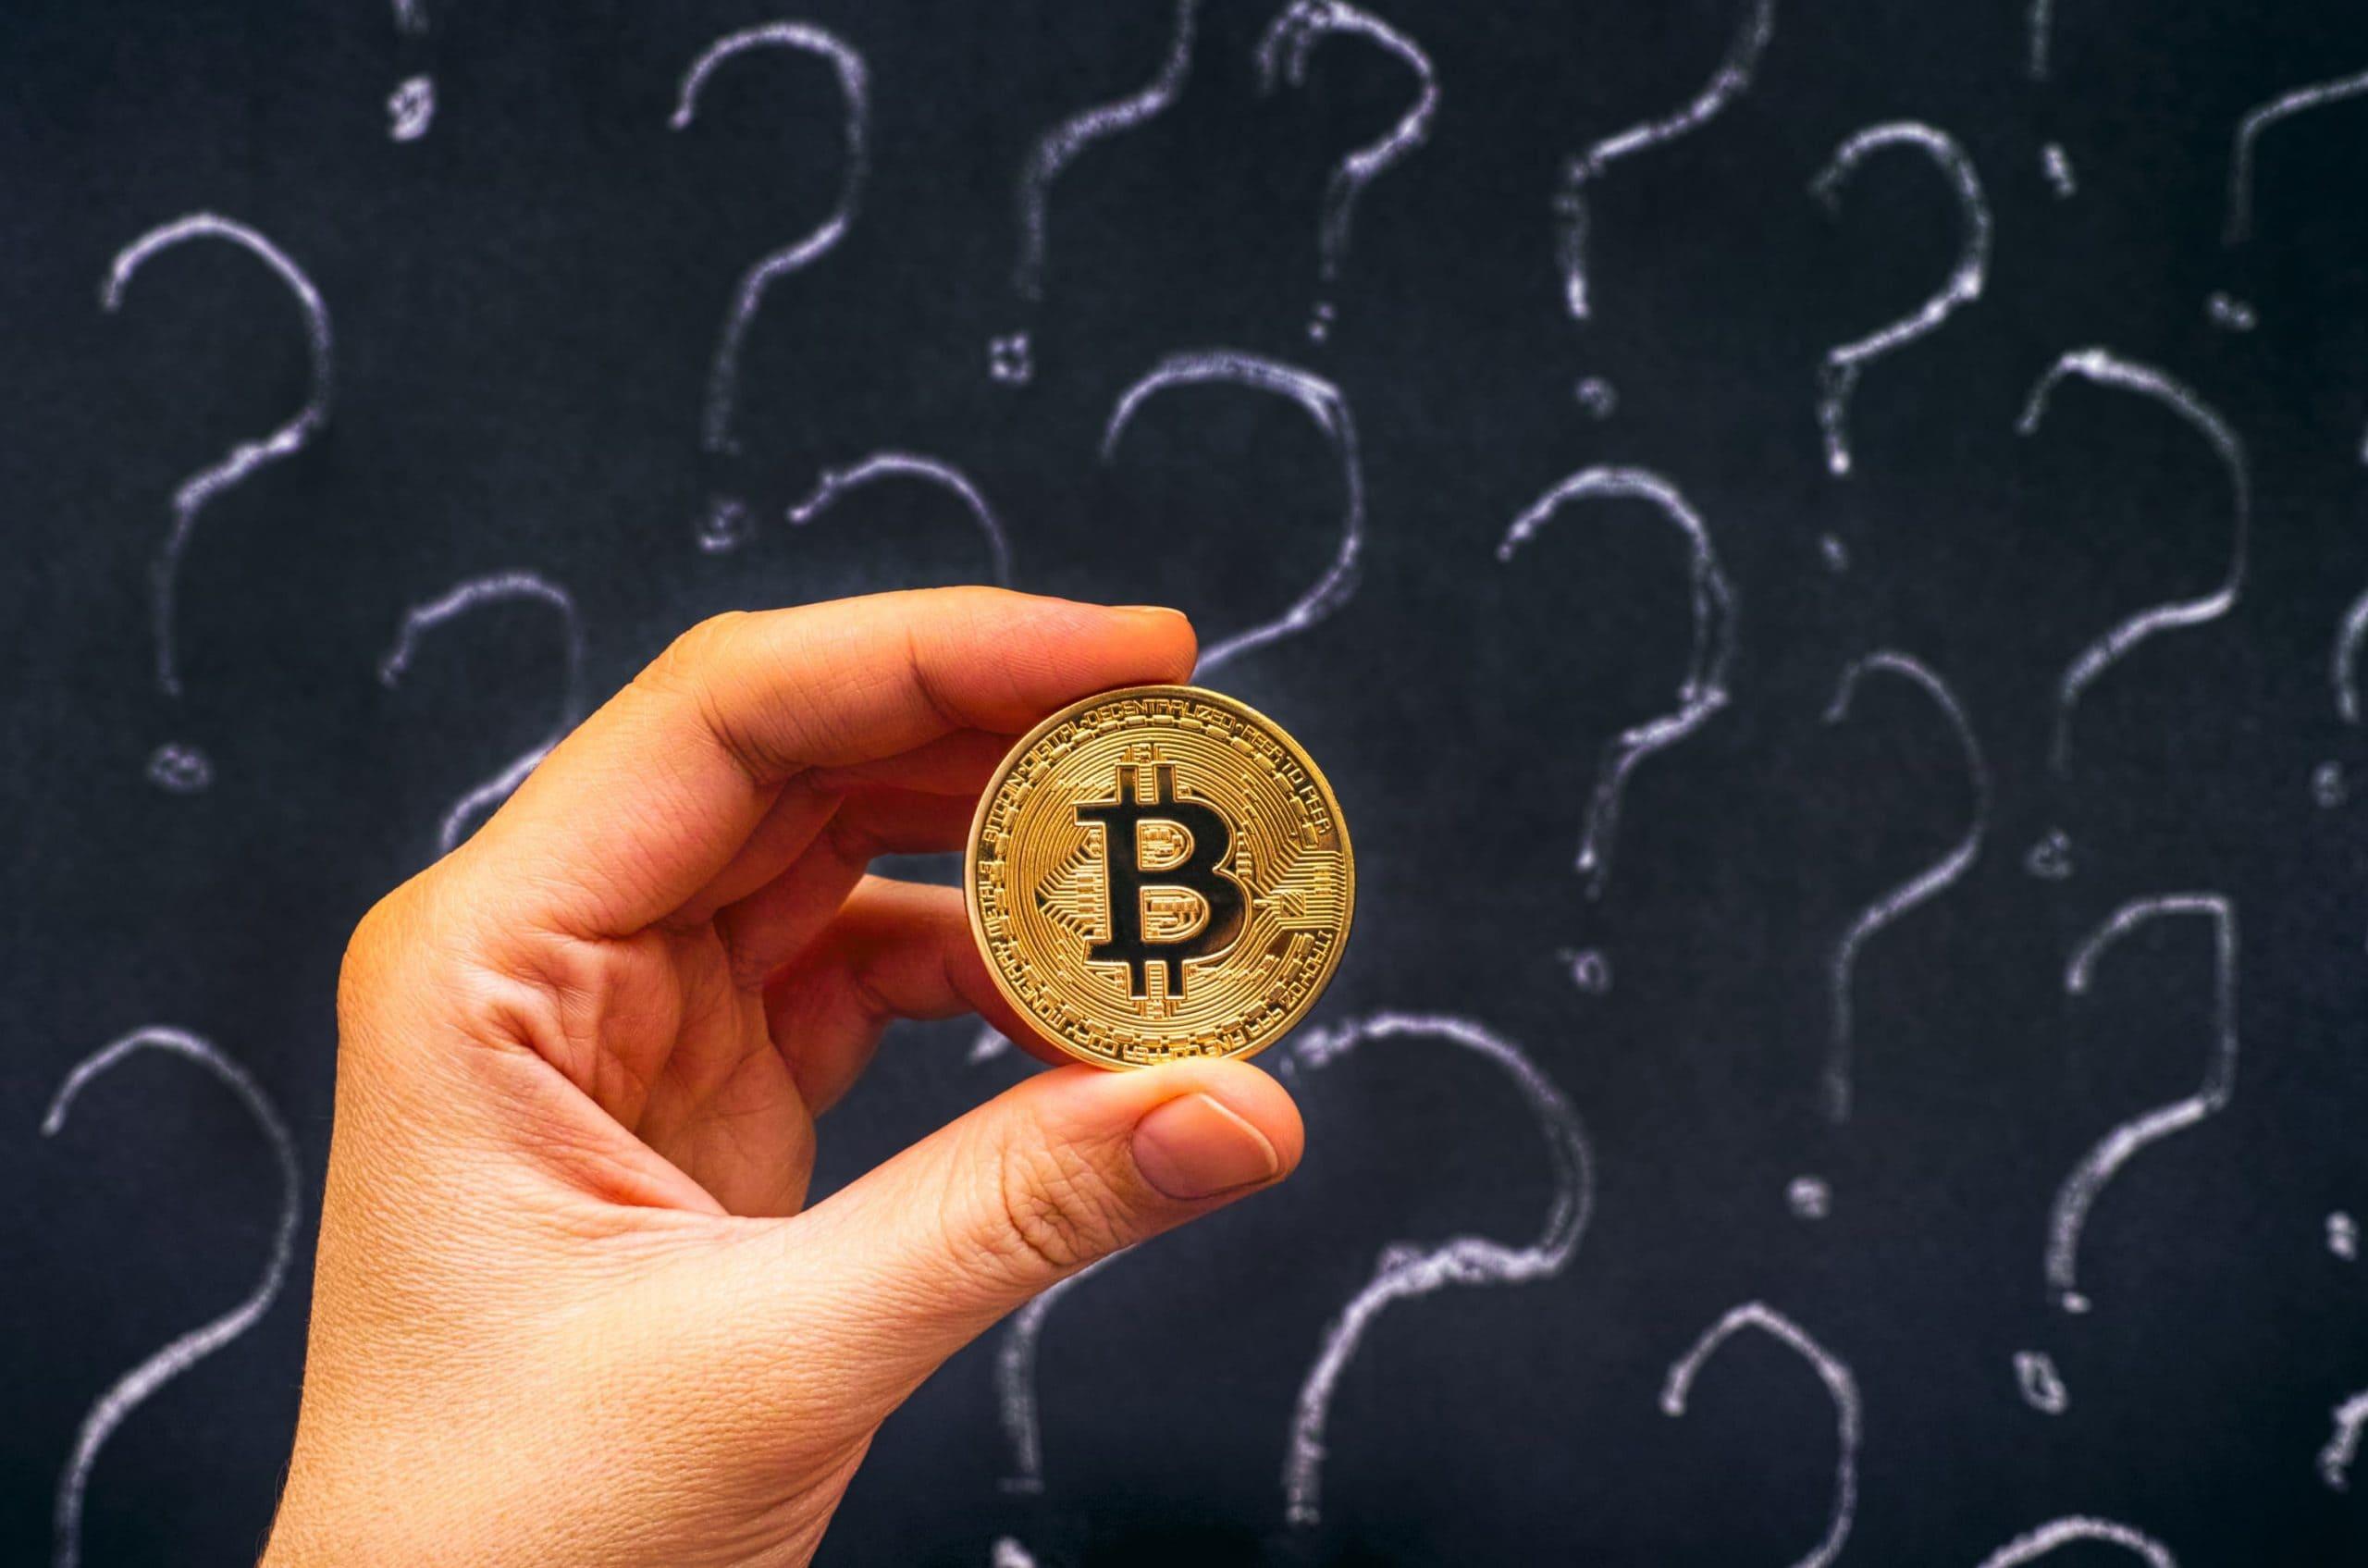 Ein Hand hält eine Bitcoin-Münze, im Hintergrund eine Tafel voller Fragezeichen